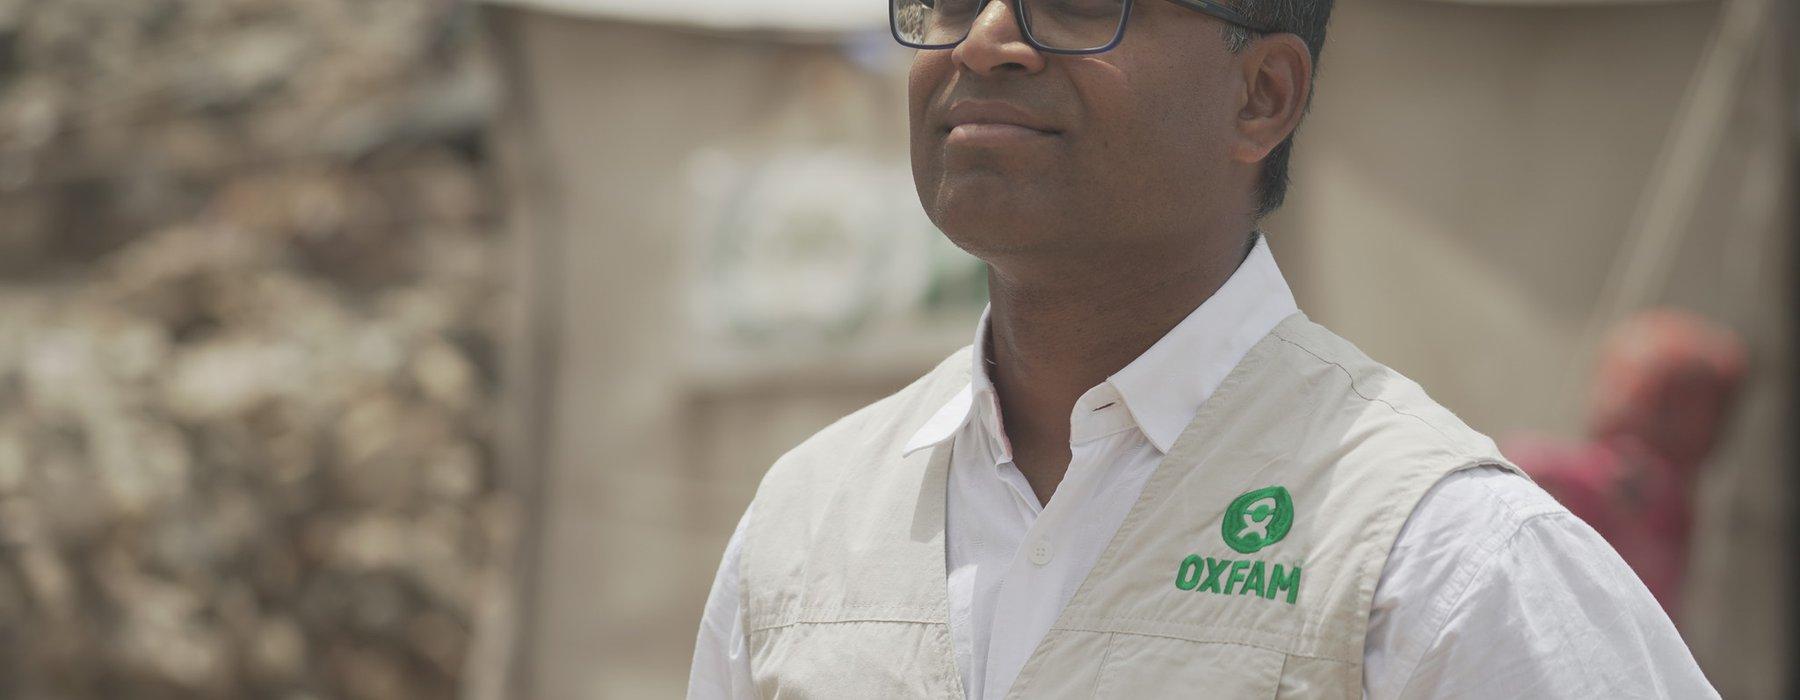 Danny Sriskandarajah Oxfam GB CEO in Yemen